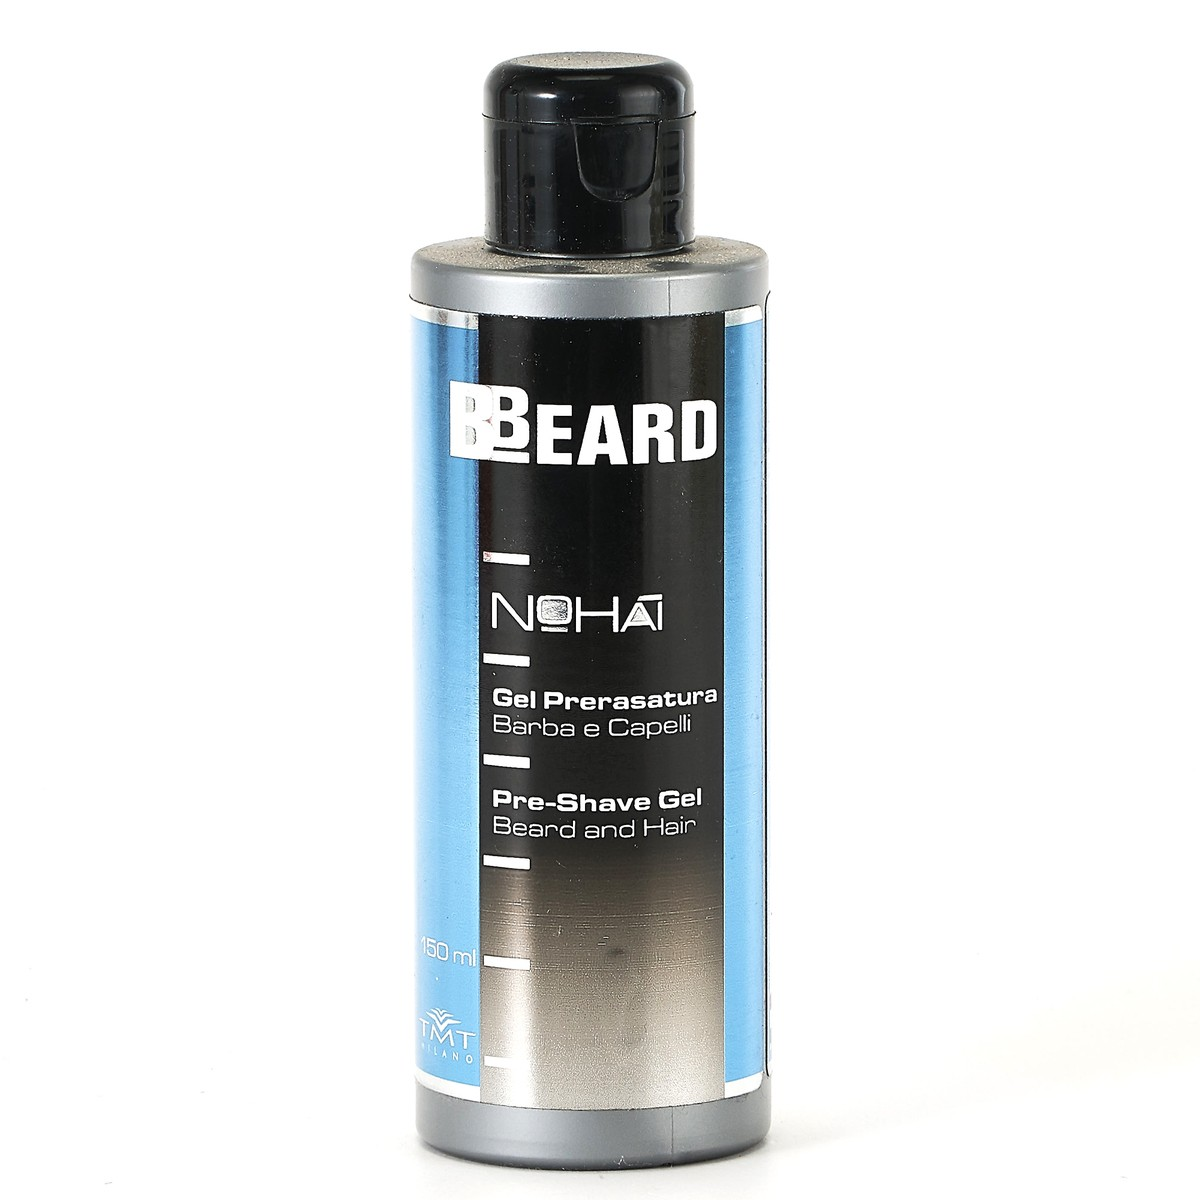 Bbeard Gel prerasatura barba e capelli Nohai